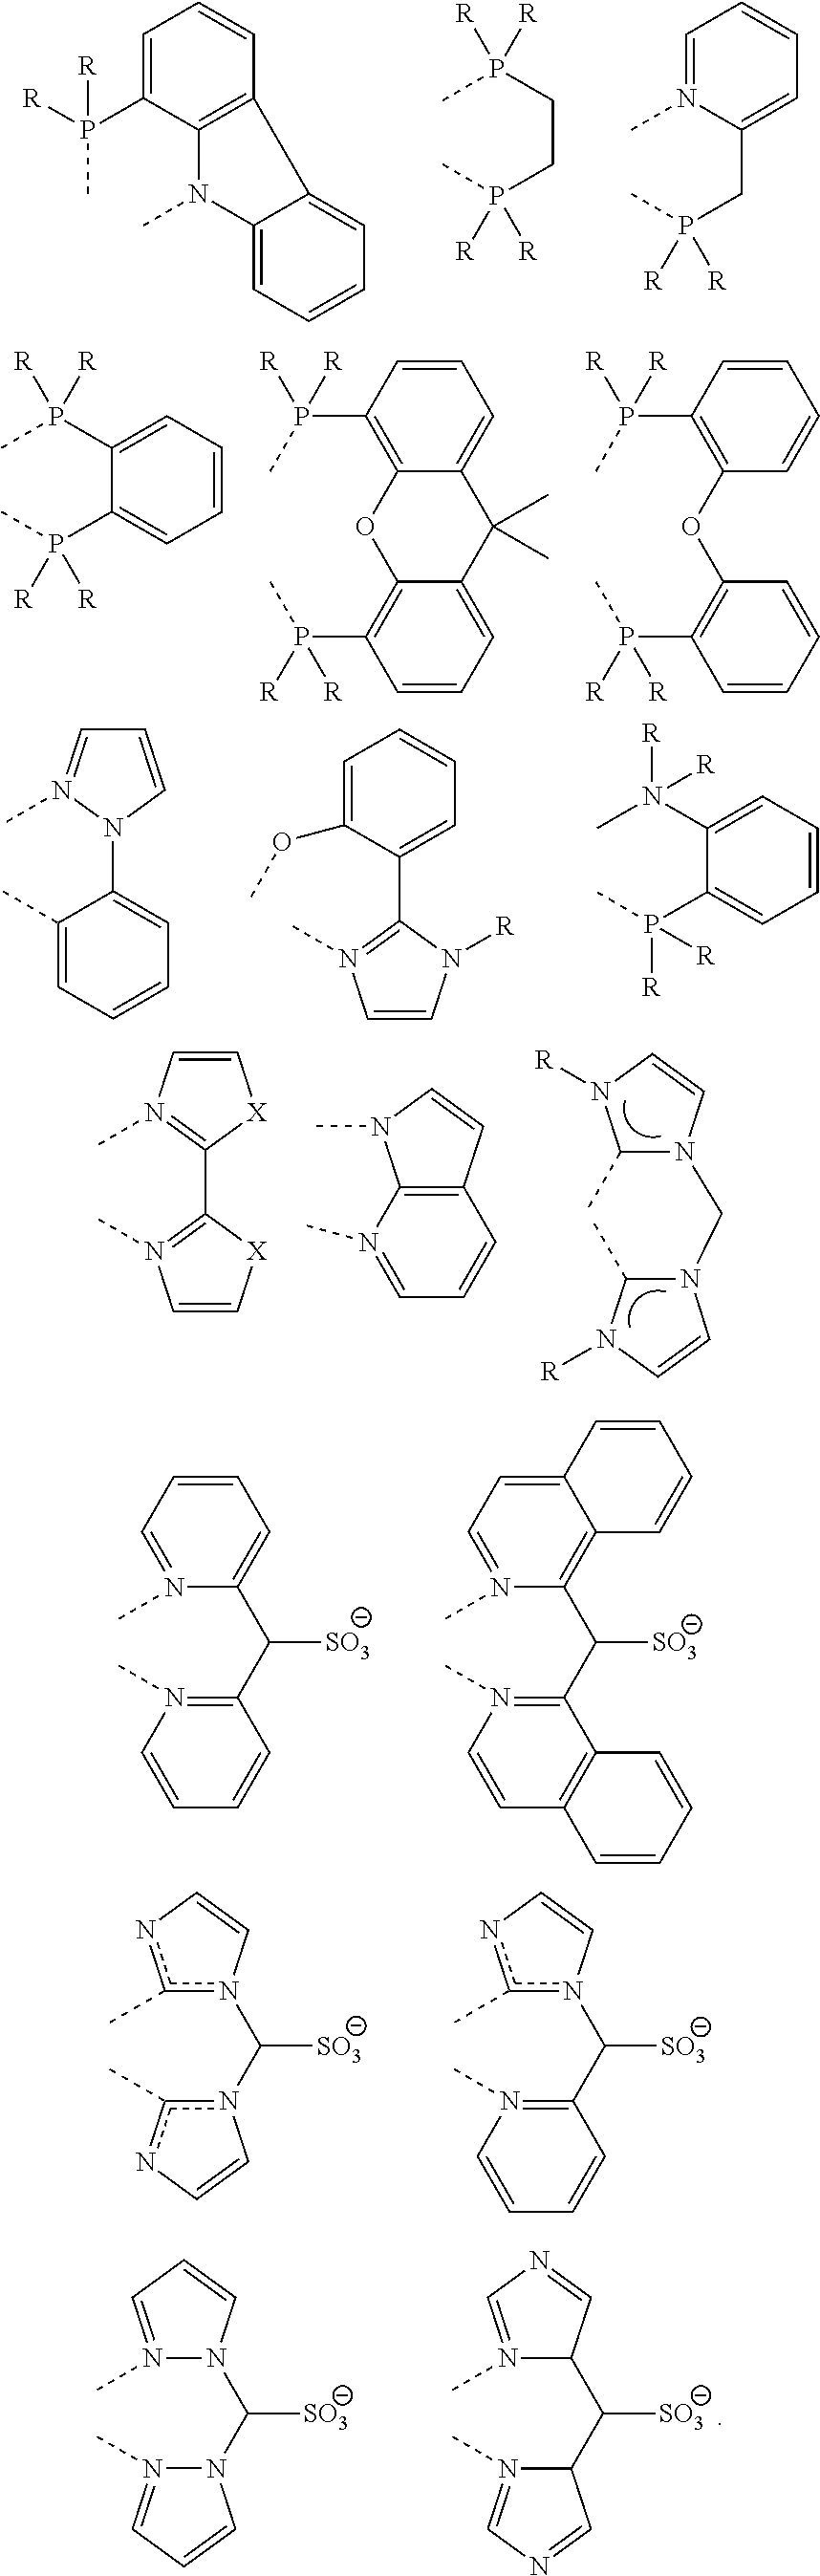 Figure US09773986-20170926-C00008